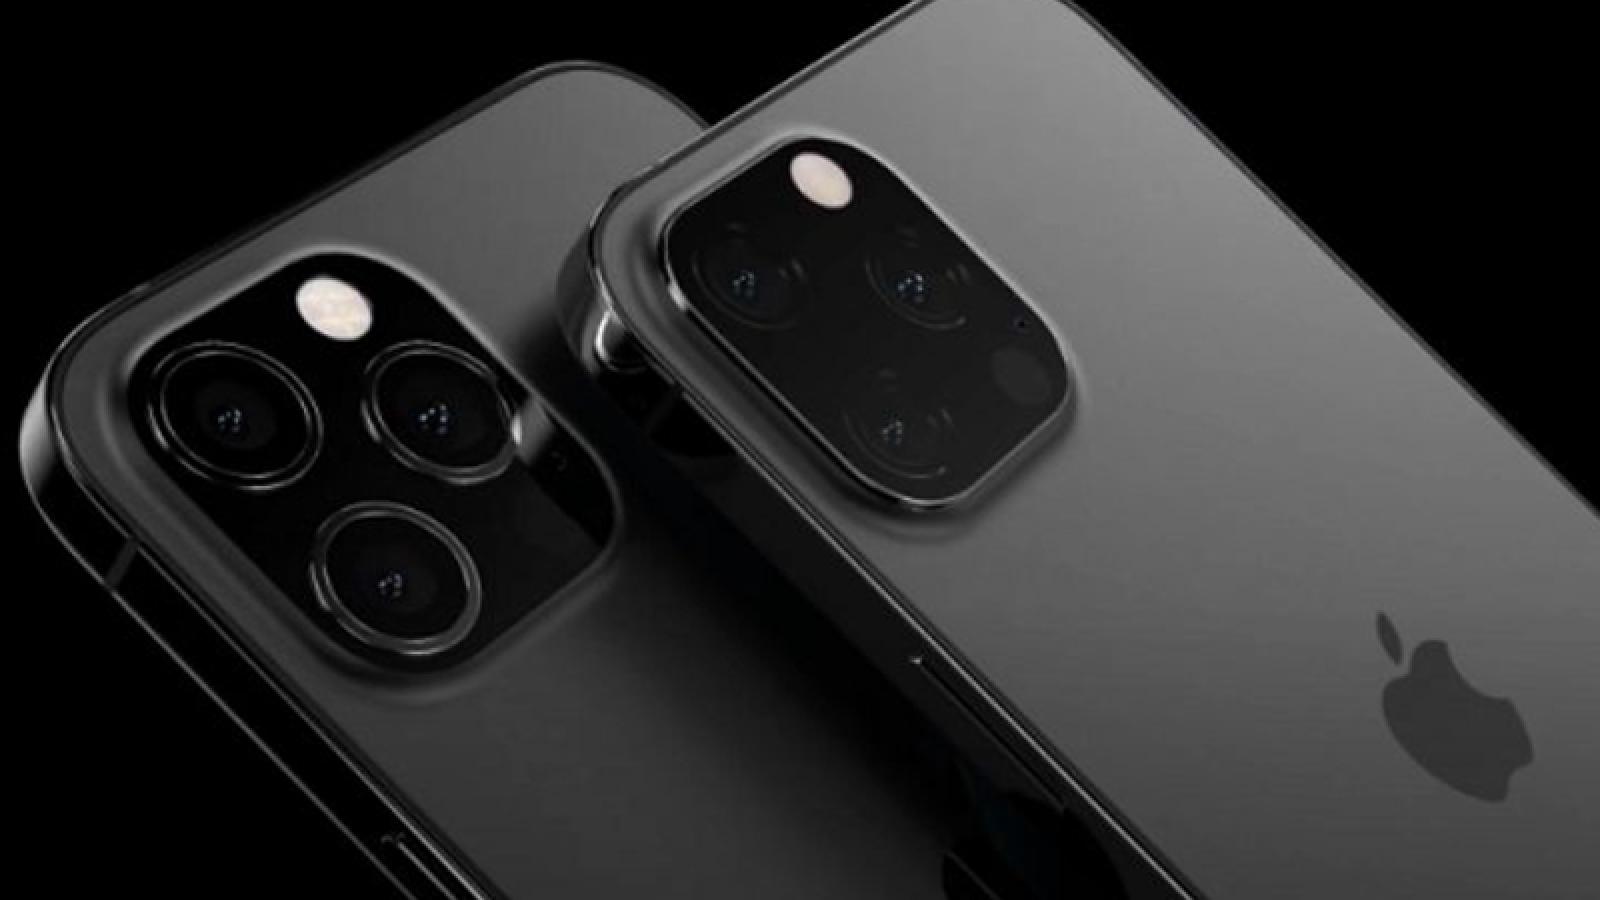 iPhone 13 Pro Max sẽ trang bị camera giúp chụp ảnh ban đêm đẹp hơn